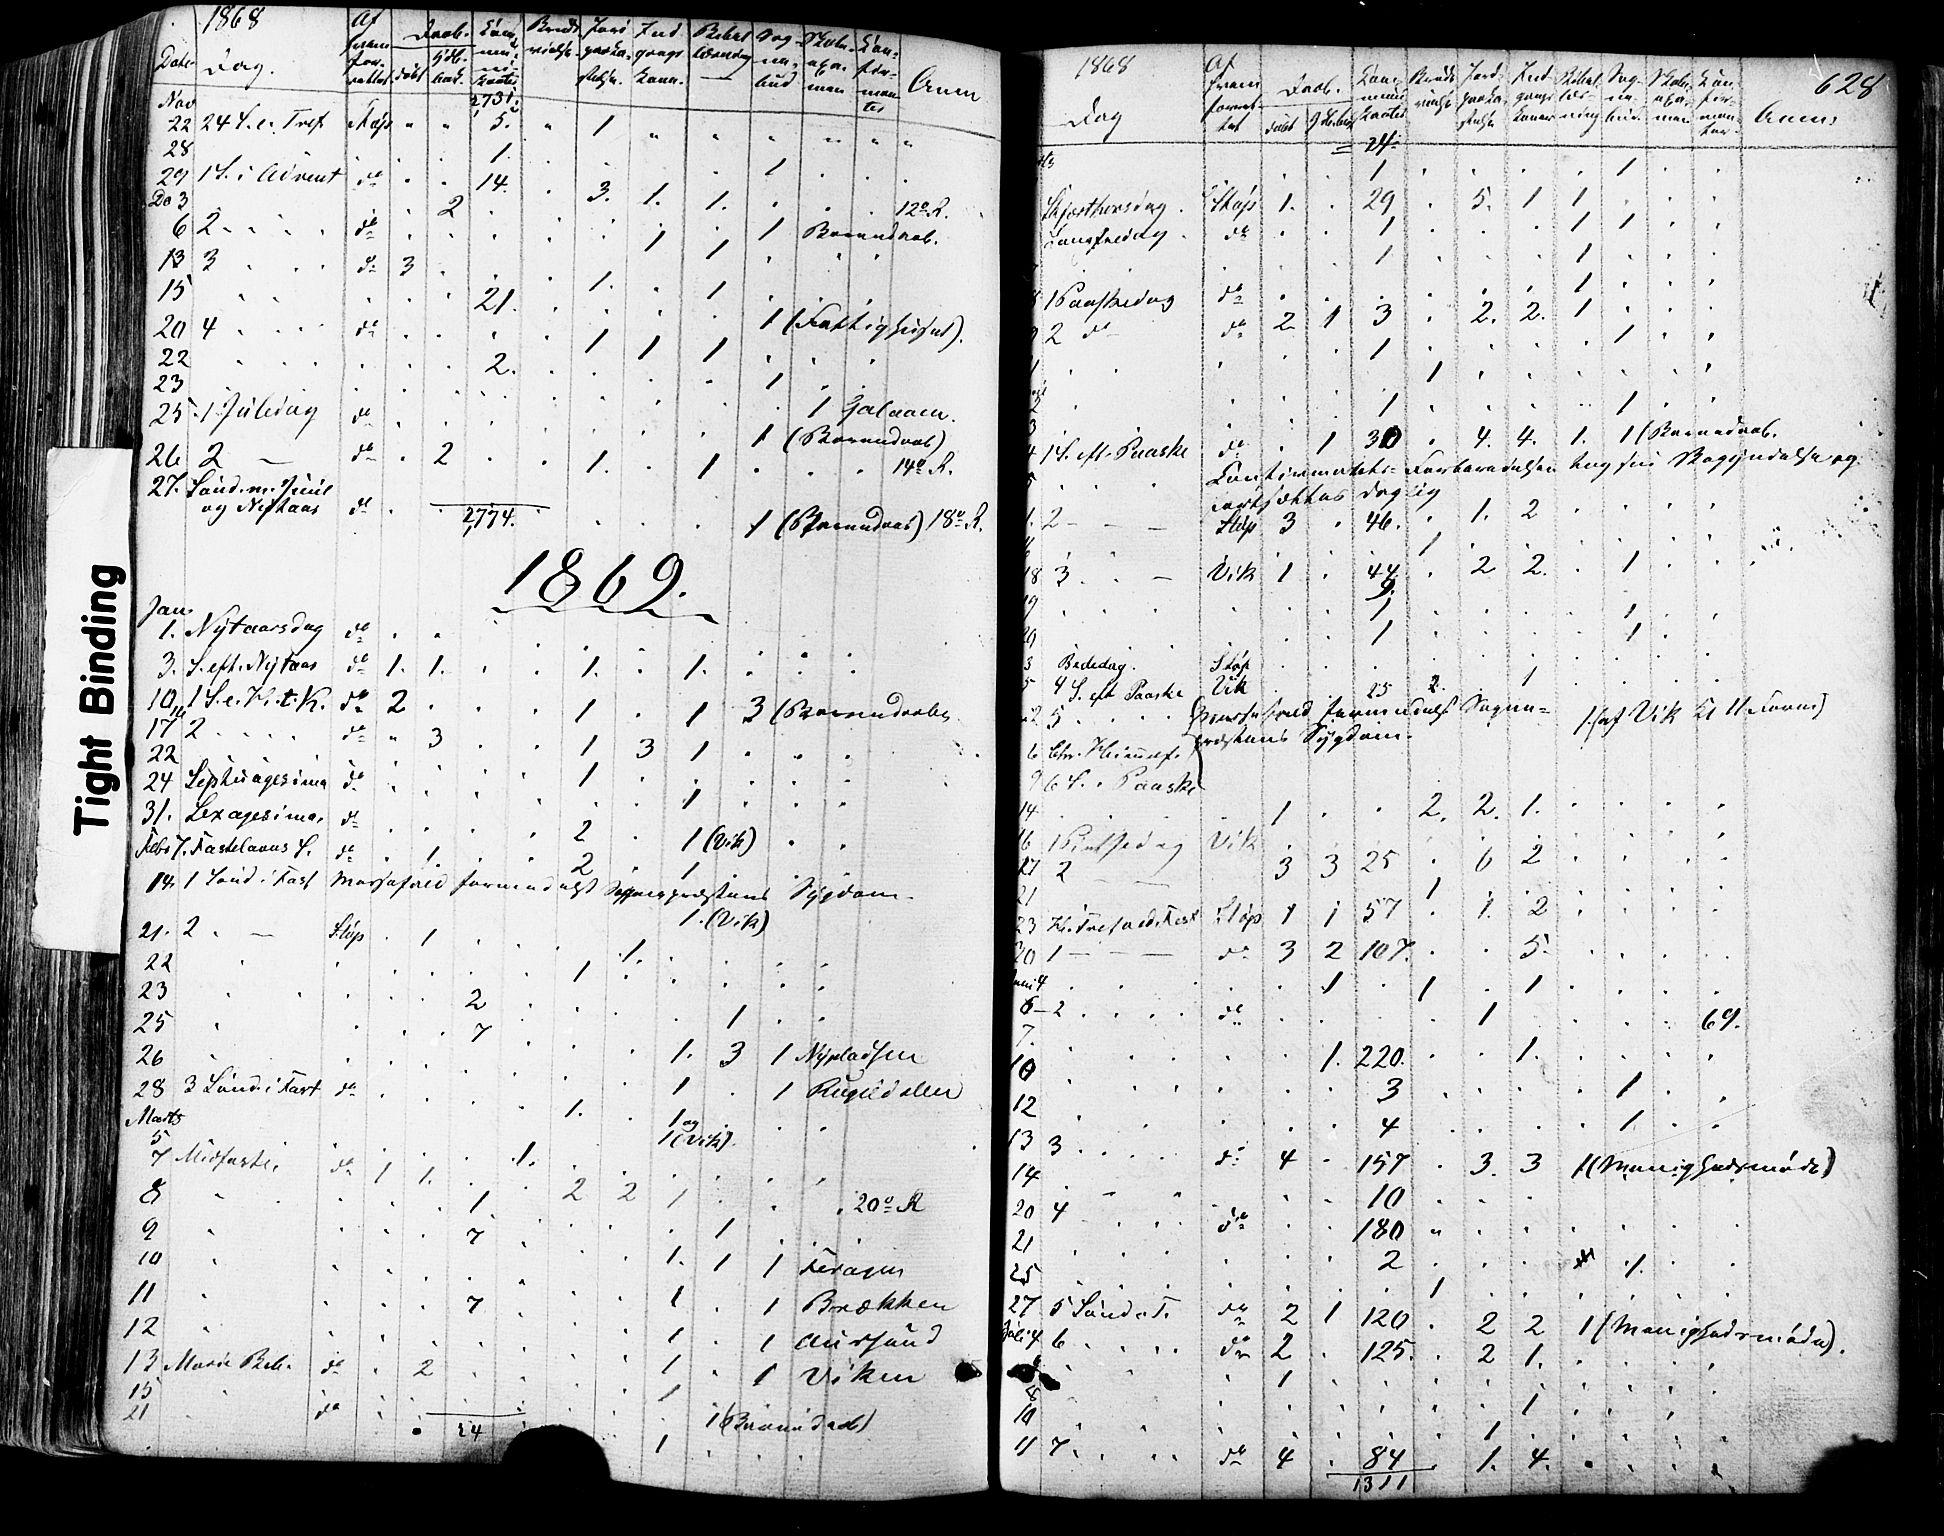 SAT, Ministerialprotokoller, klokkerbøker og fødselsregistre - Sør-Trøndelag, 681/L0932: Ministerialbok nr. 681A10, 1860-1878, s. 628